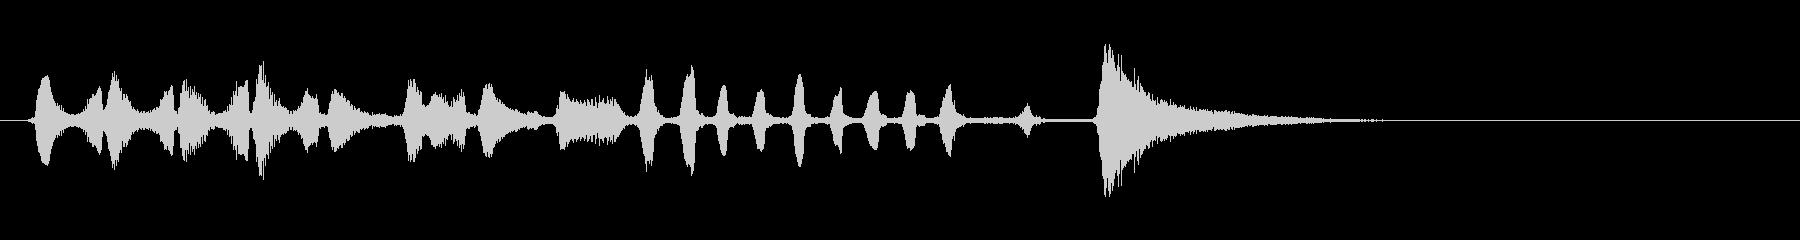 【生演奏】アコーディオンジングル04の未再生の波形